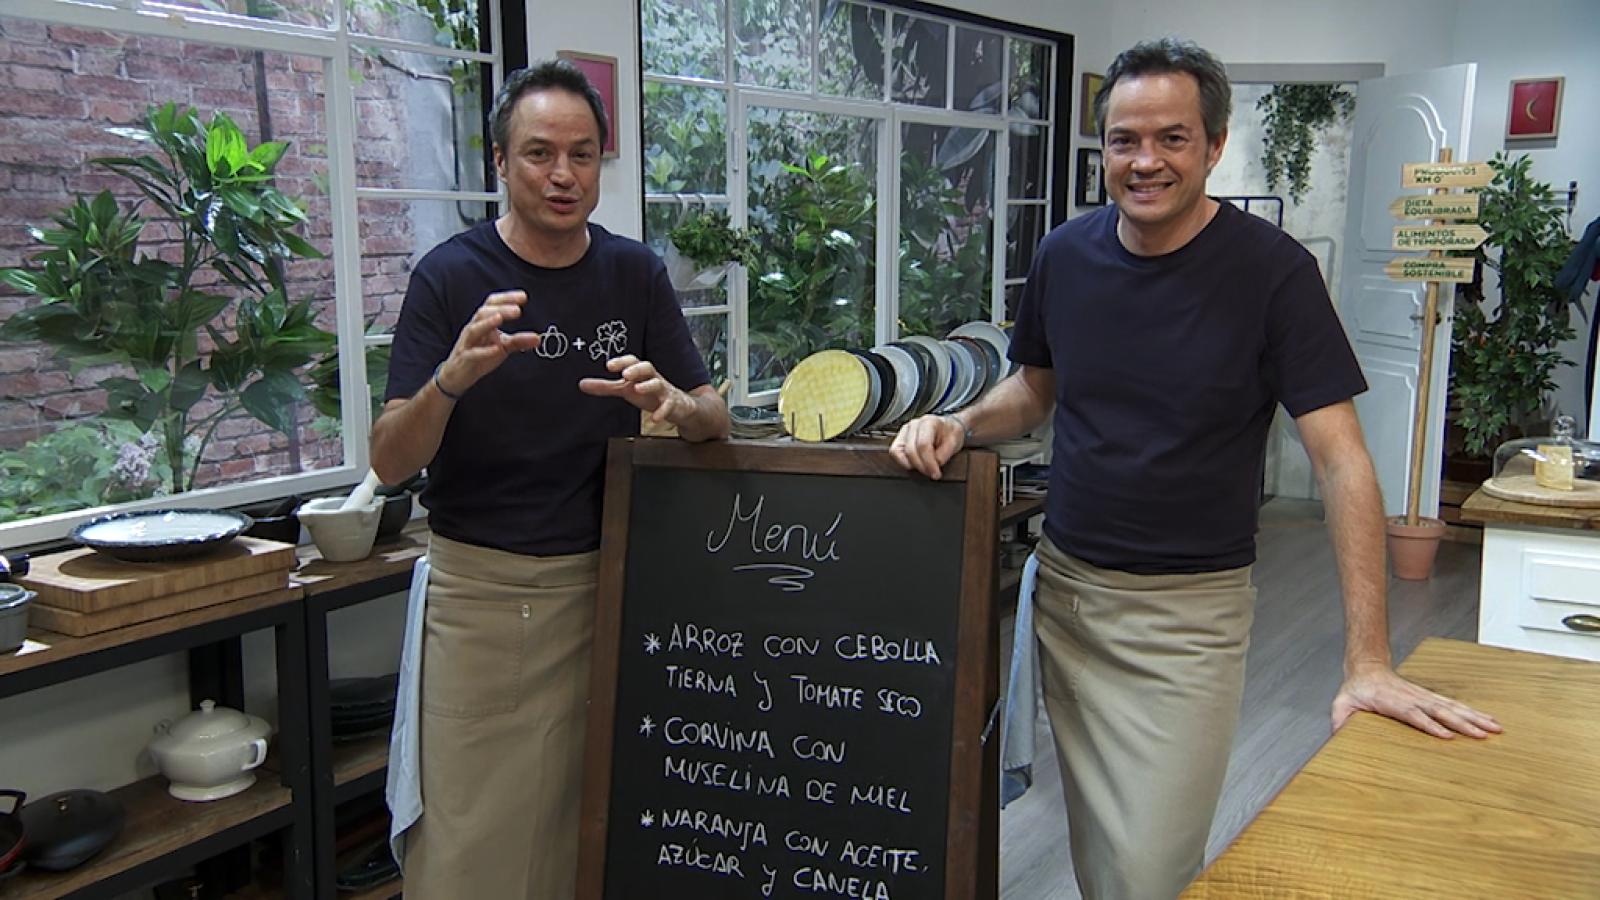 Torres en la cocina - Arroz con cebolla y tomate seco. Corvina con muselina de miel - ver ahora